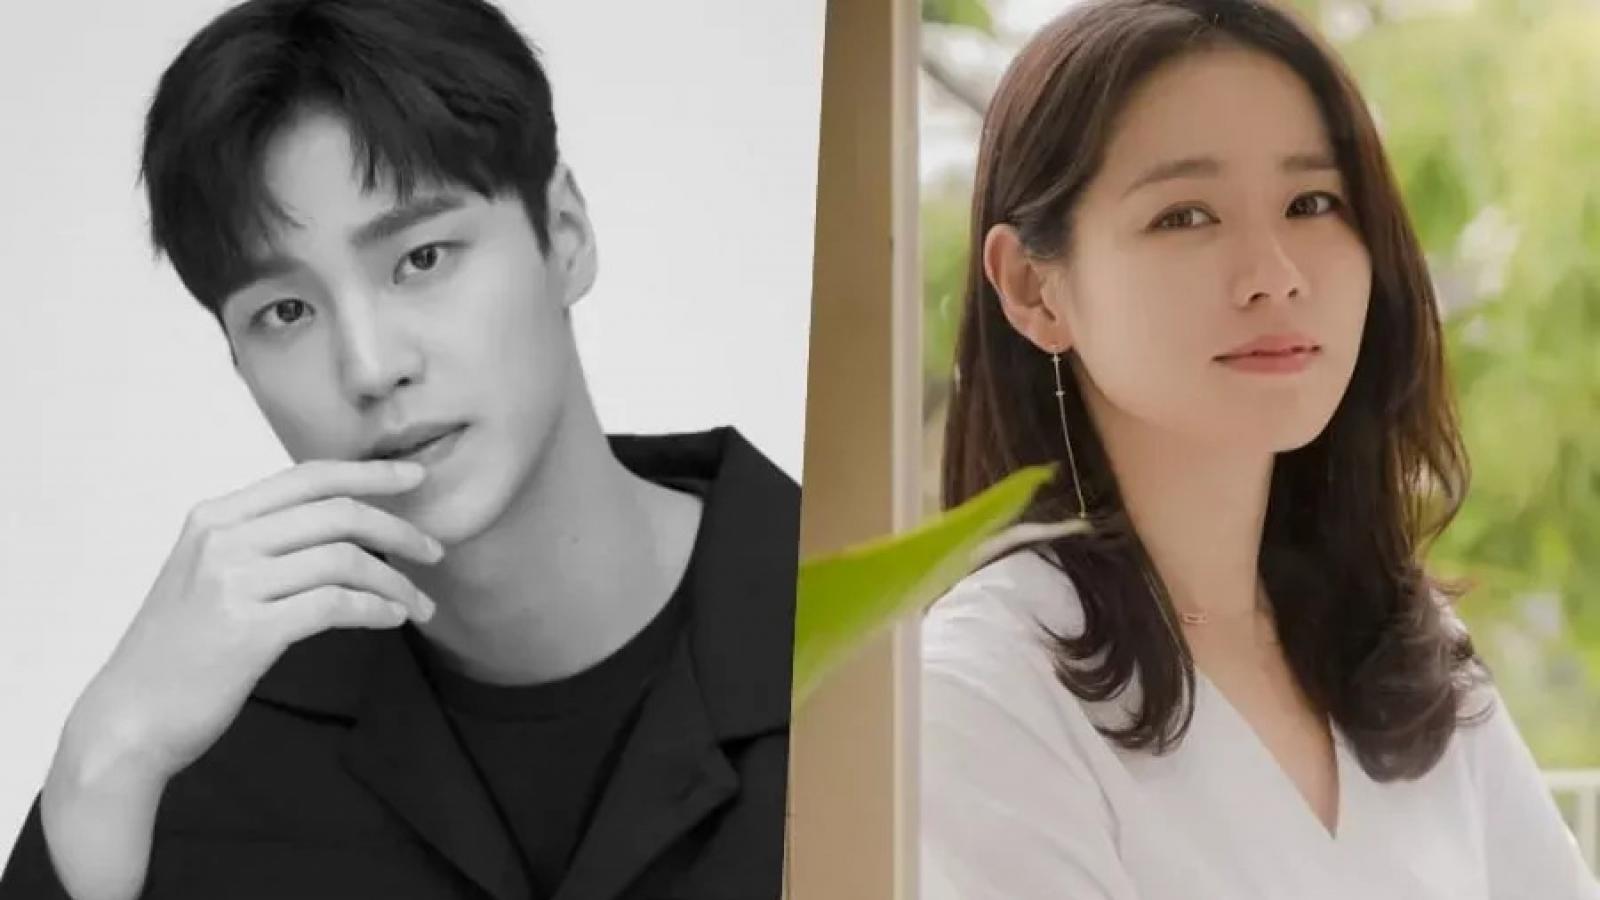 """Son Ye Jin sánh đôi cùng tài tử """"Thư ký Kim sao thế?"""" trong phim mới"""